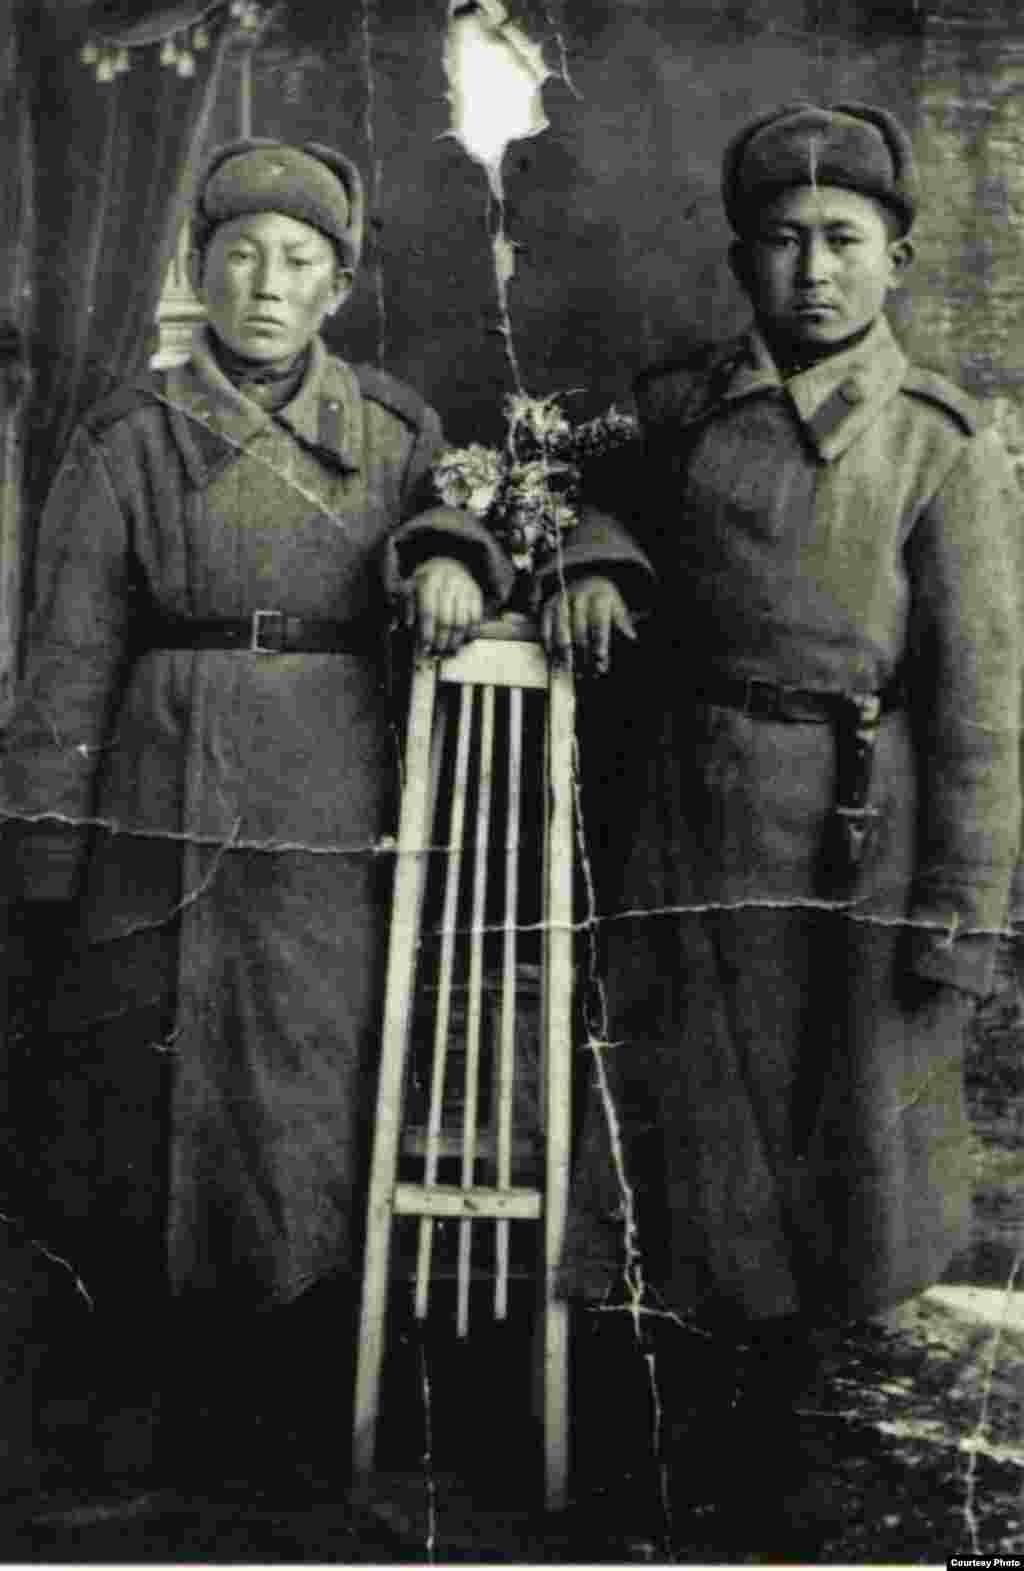 Моту Усупбеков (справа) родился в 1926 году в Таласской области. Ушел на фронт в 1944 году. В 1945 году прислал письмо с этой фотографией и пропал без вести.